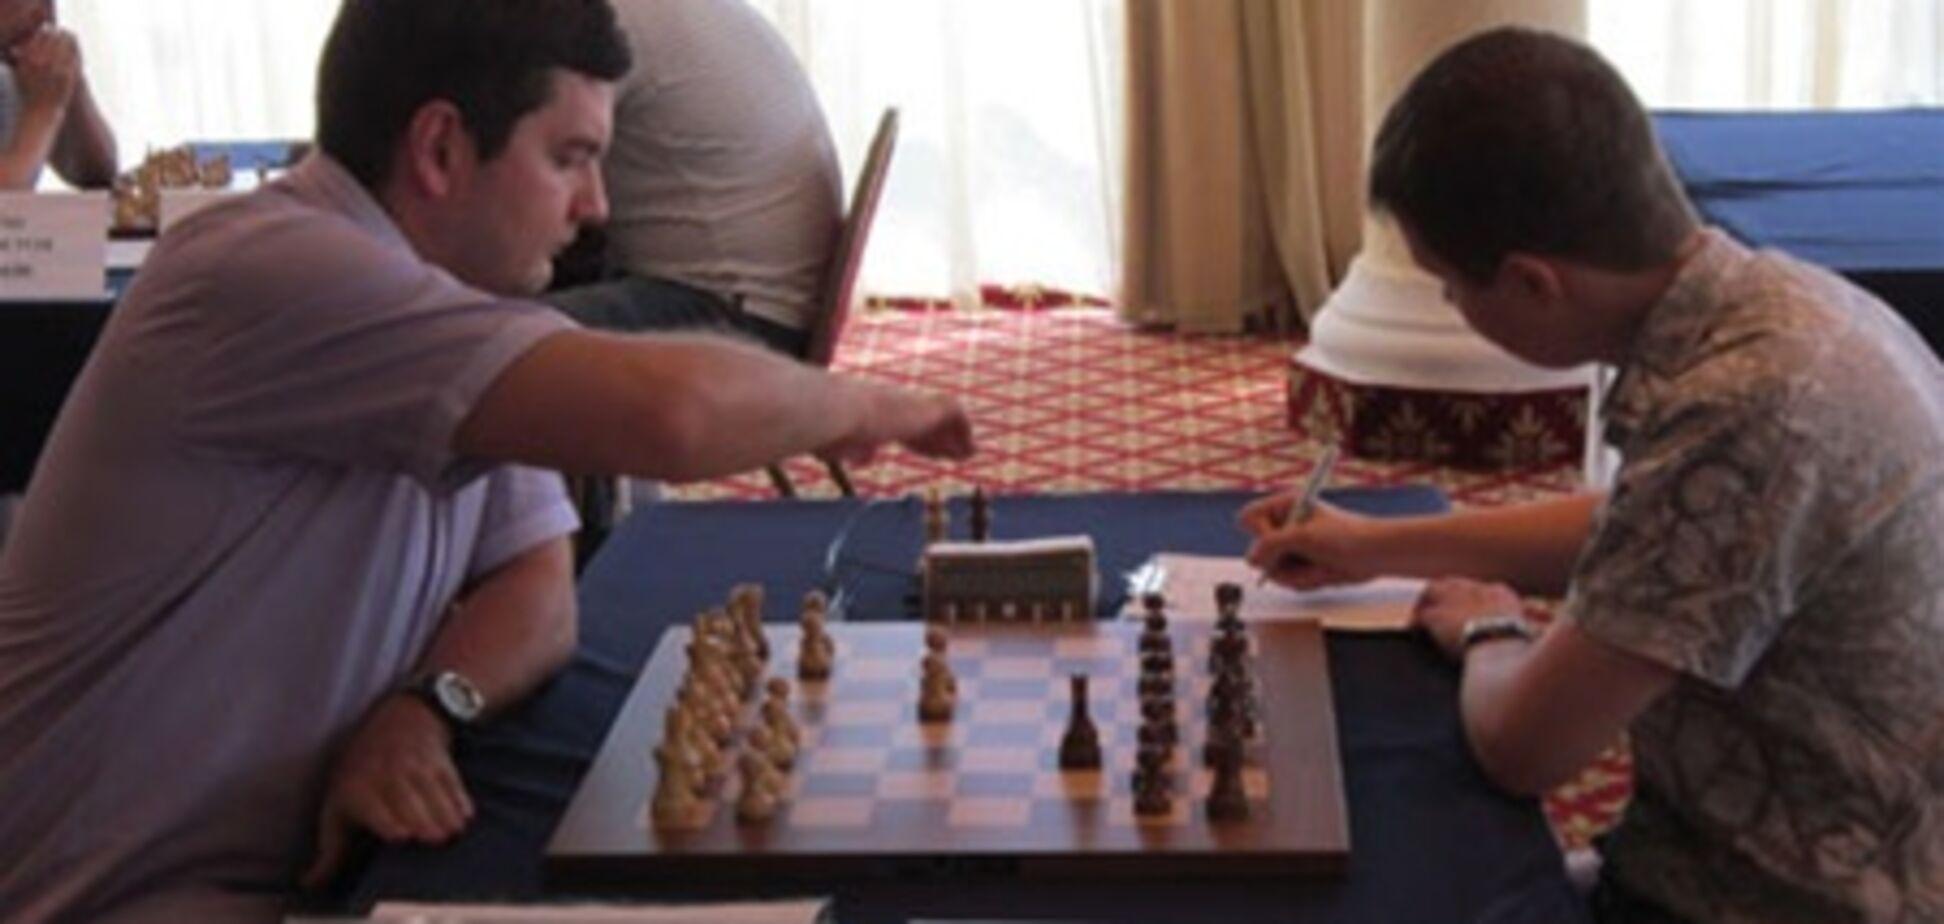 Чемпионат Украины по шахматам: первый тур подарил сюрпризы